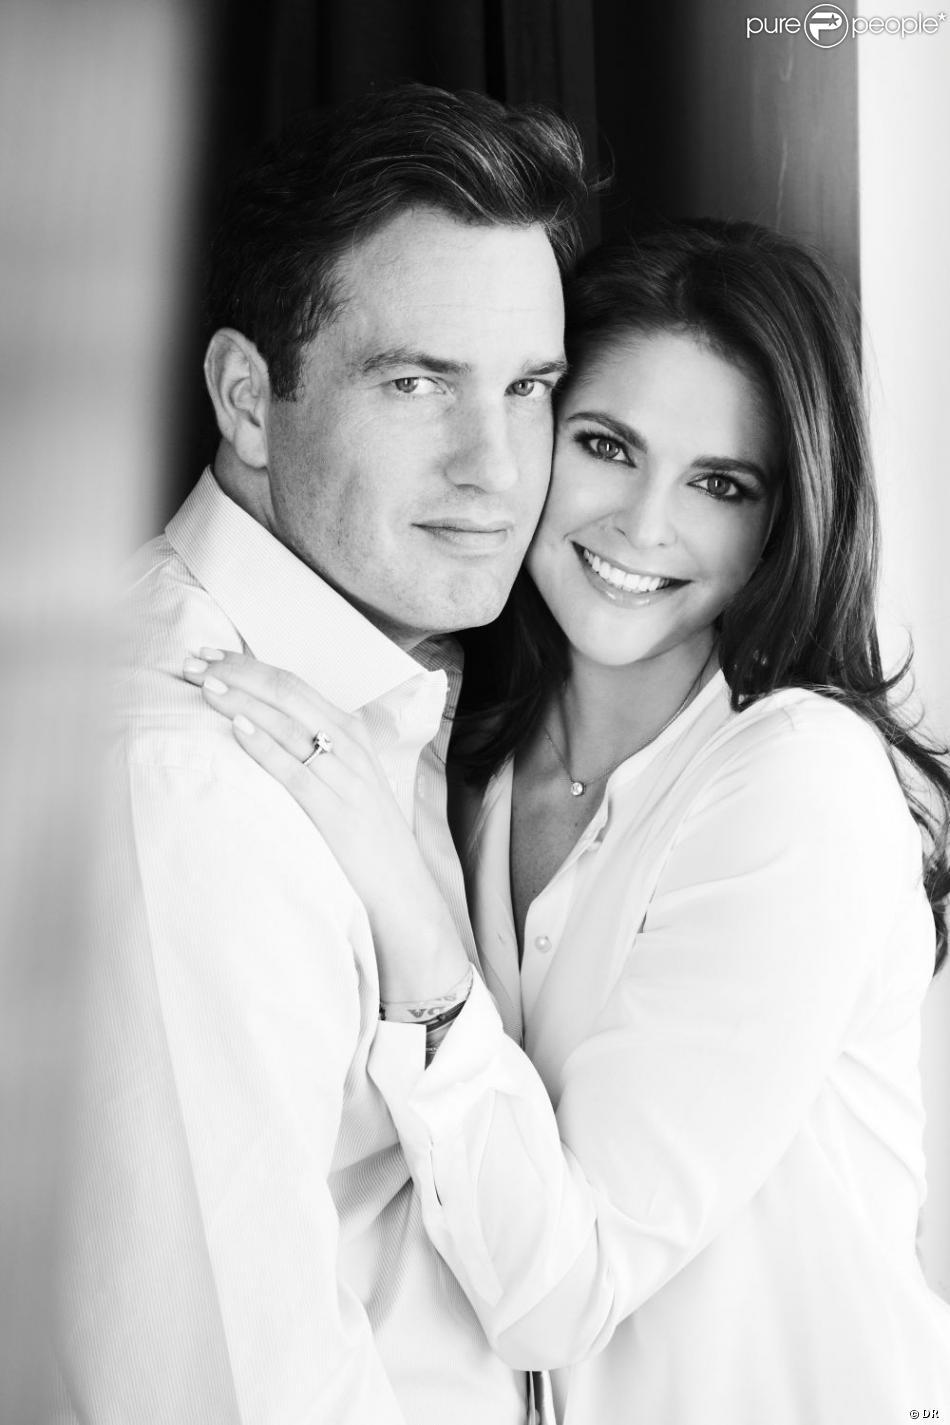 La princesse Madeleine de Suède et Christopher O'Neill photographiés par Patrick Demarchelier pour leurs fiançailles, en octobre 2012